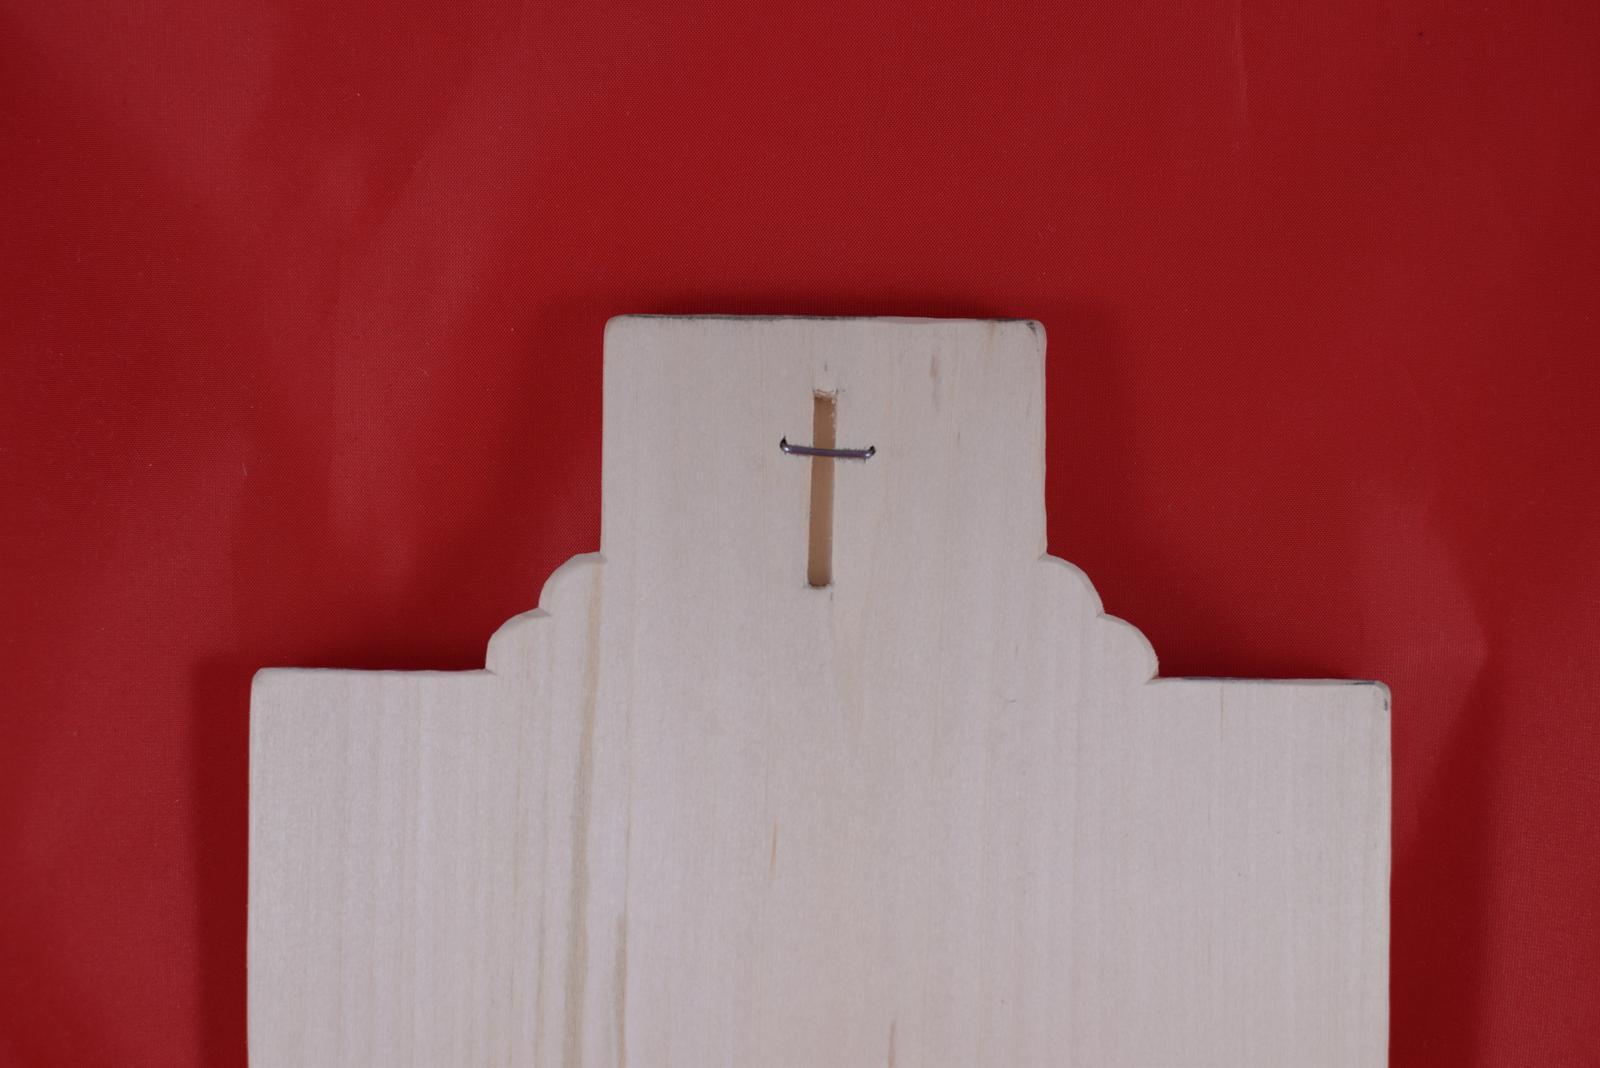 Drevený svadobný križik ako poďakovanie rodičom 3 - Obrázok č. 3